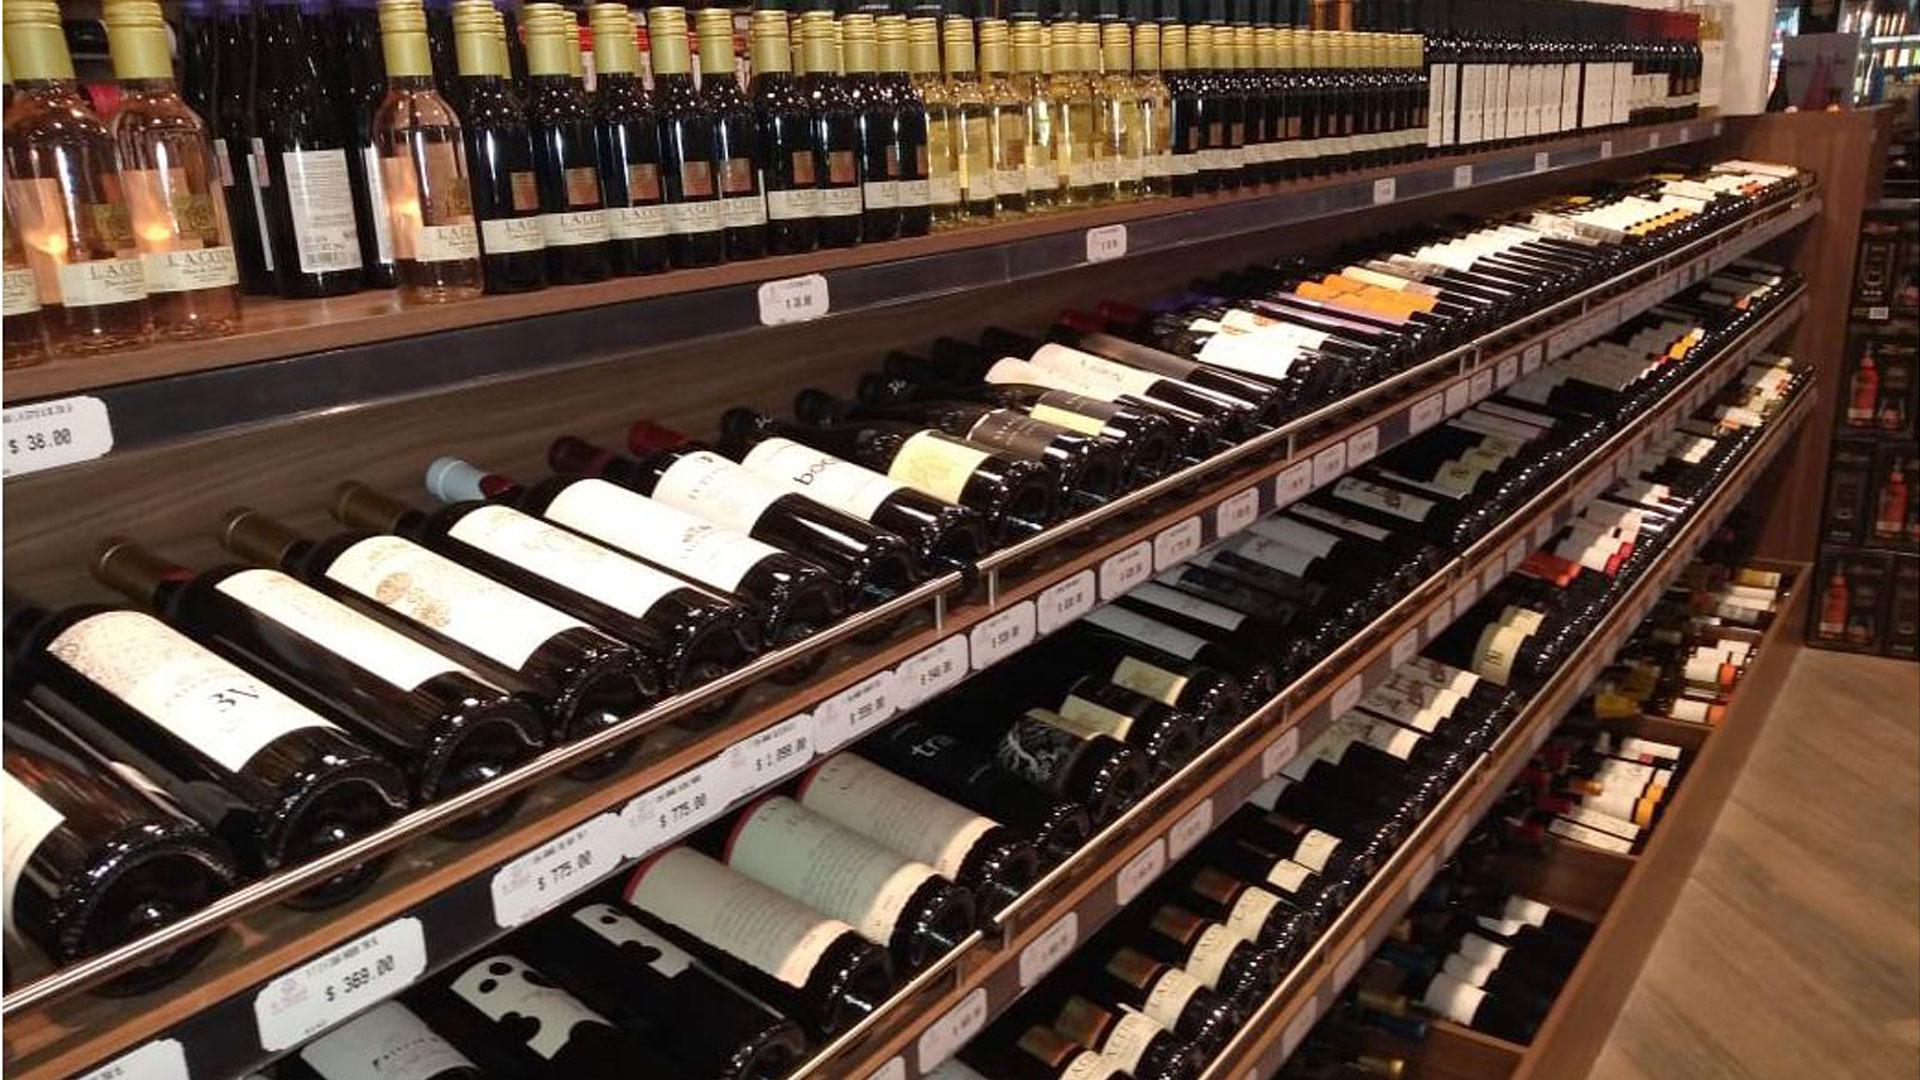 Alcohol y ropa son los gastos más comunes que los mexicanos realizan con su aguinaldo. (Foto: Infobae México /Rivero)